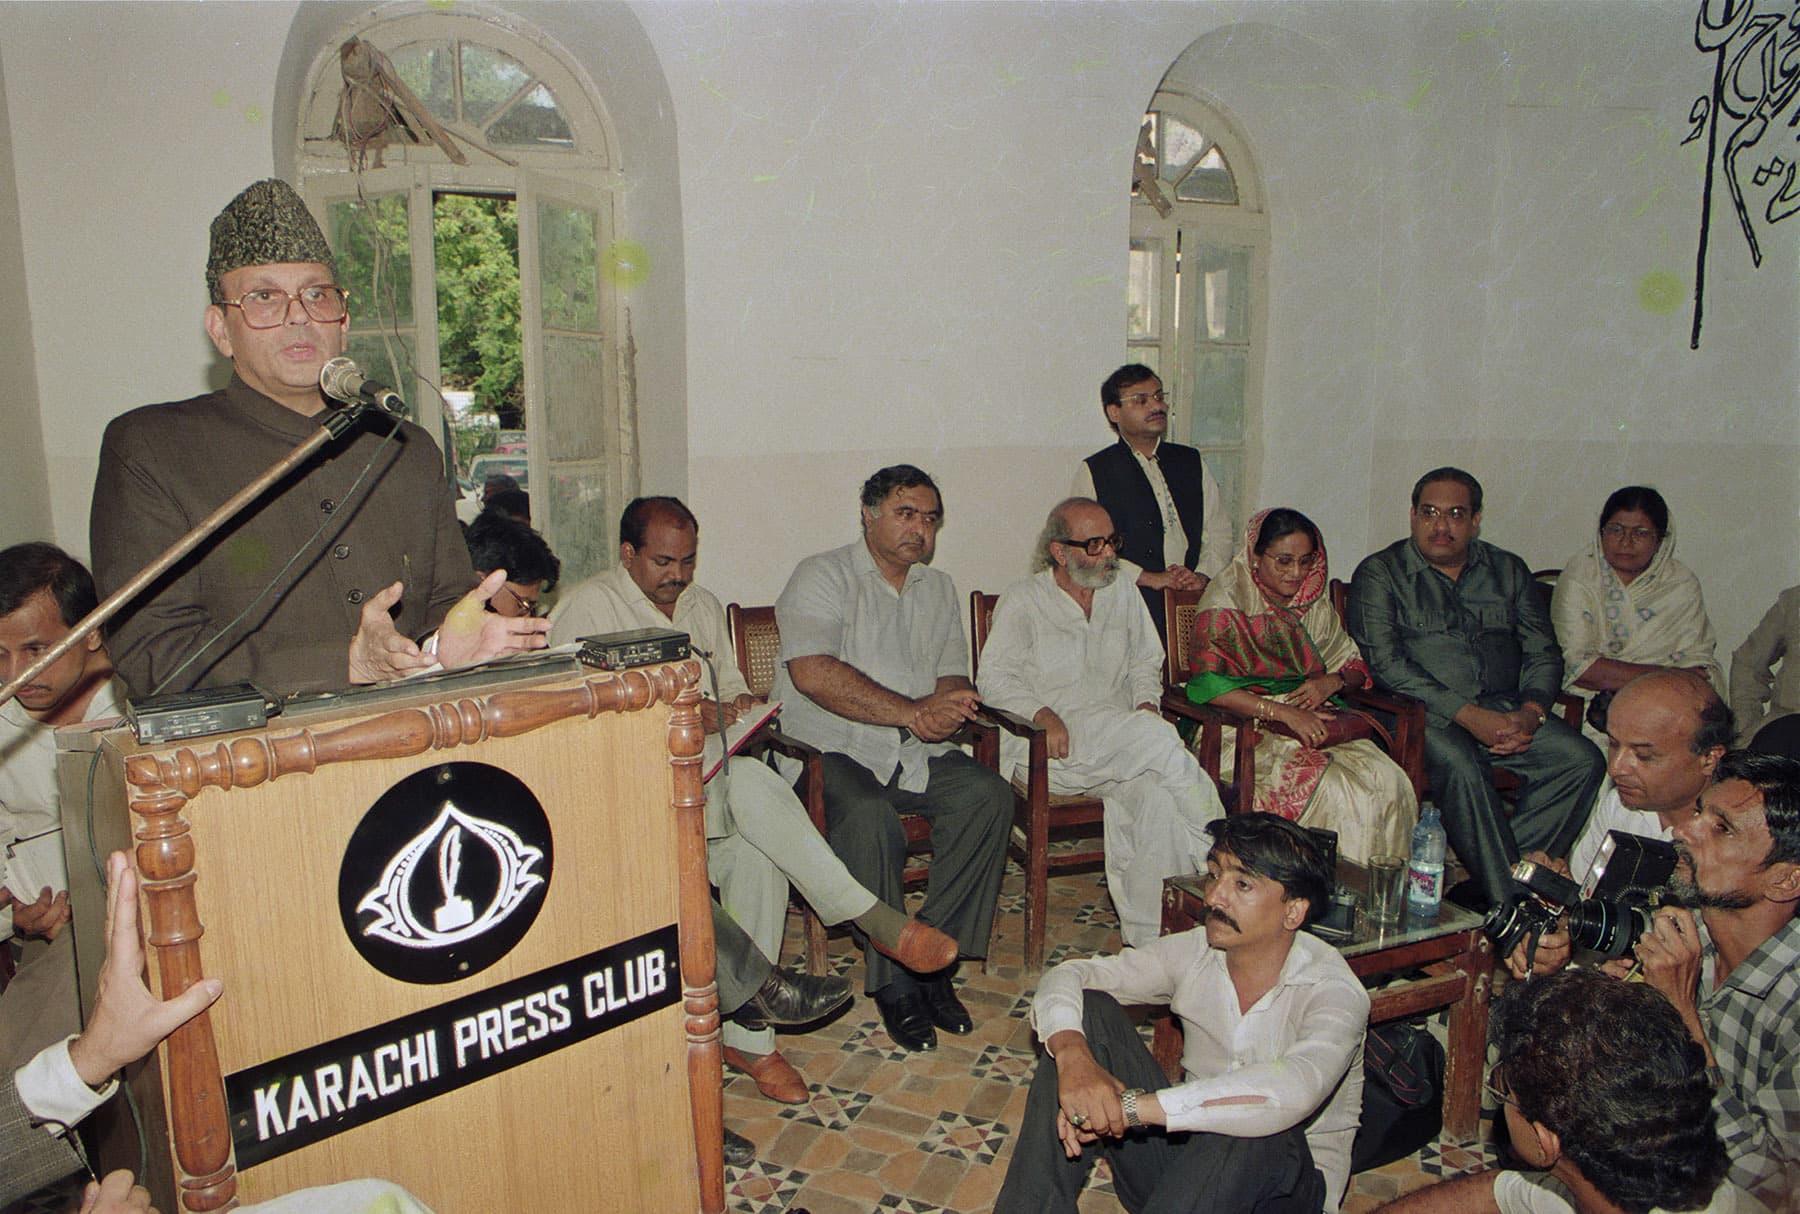 7 ستمبر 1992ء کو سارک ممالک کے اپوزیشن رہنما (بائیں سے دائیں) وشوناتھ پرتاپ سنگھ (بھارت)، شیخ حسینہ واجد (بنگلہ دیش) اور انورا بندرنائیکا (سری لنکا) کراچی پریس کلب کے جلیس ہال میں منعقدہ پریس پروگرام میں شریک ہیں— تصویر بشکریہ زاہد حسین